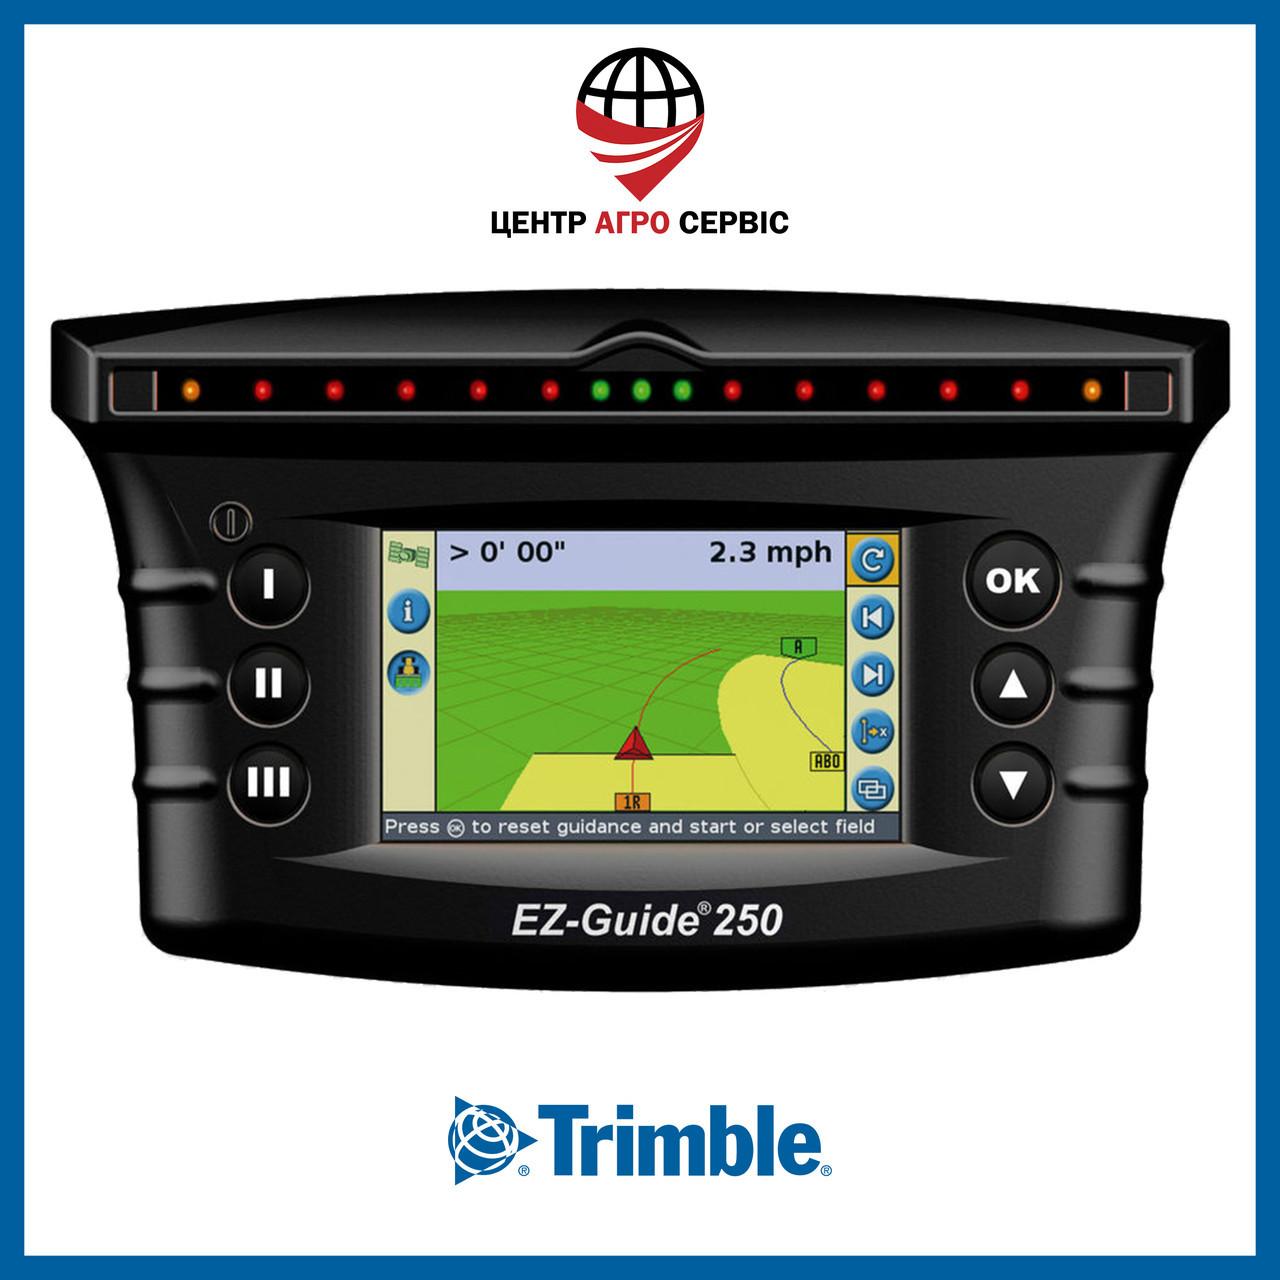 Курсовказівник (система паралельного водіння, агронавігатор) Trimble EZ-Guide 250 AG-15 L1